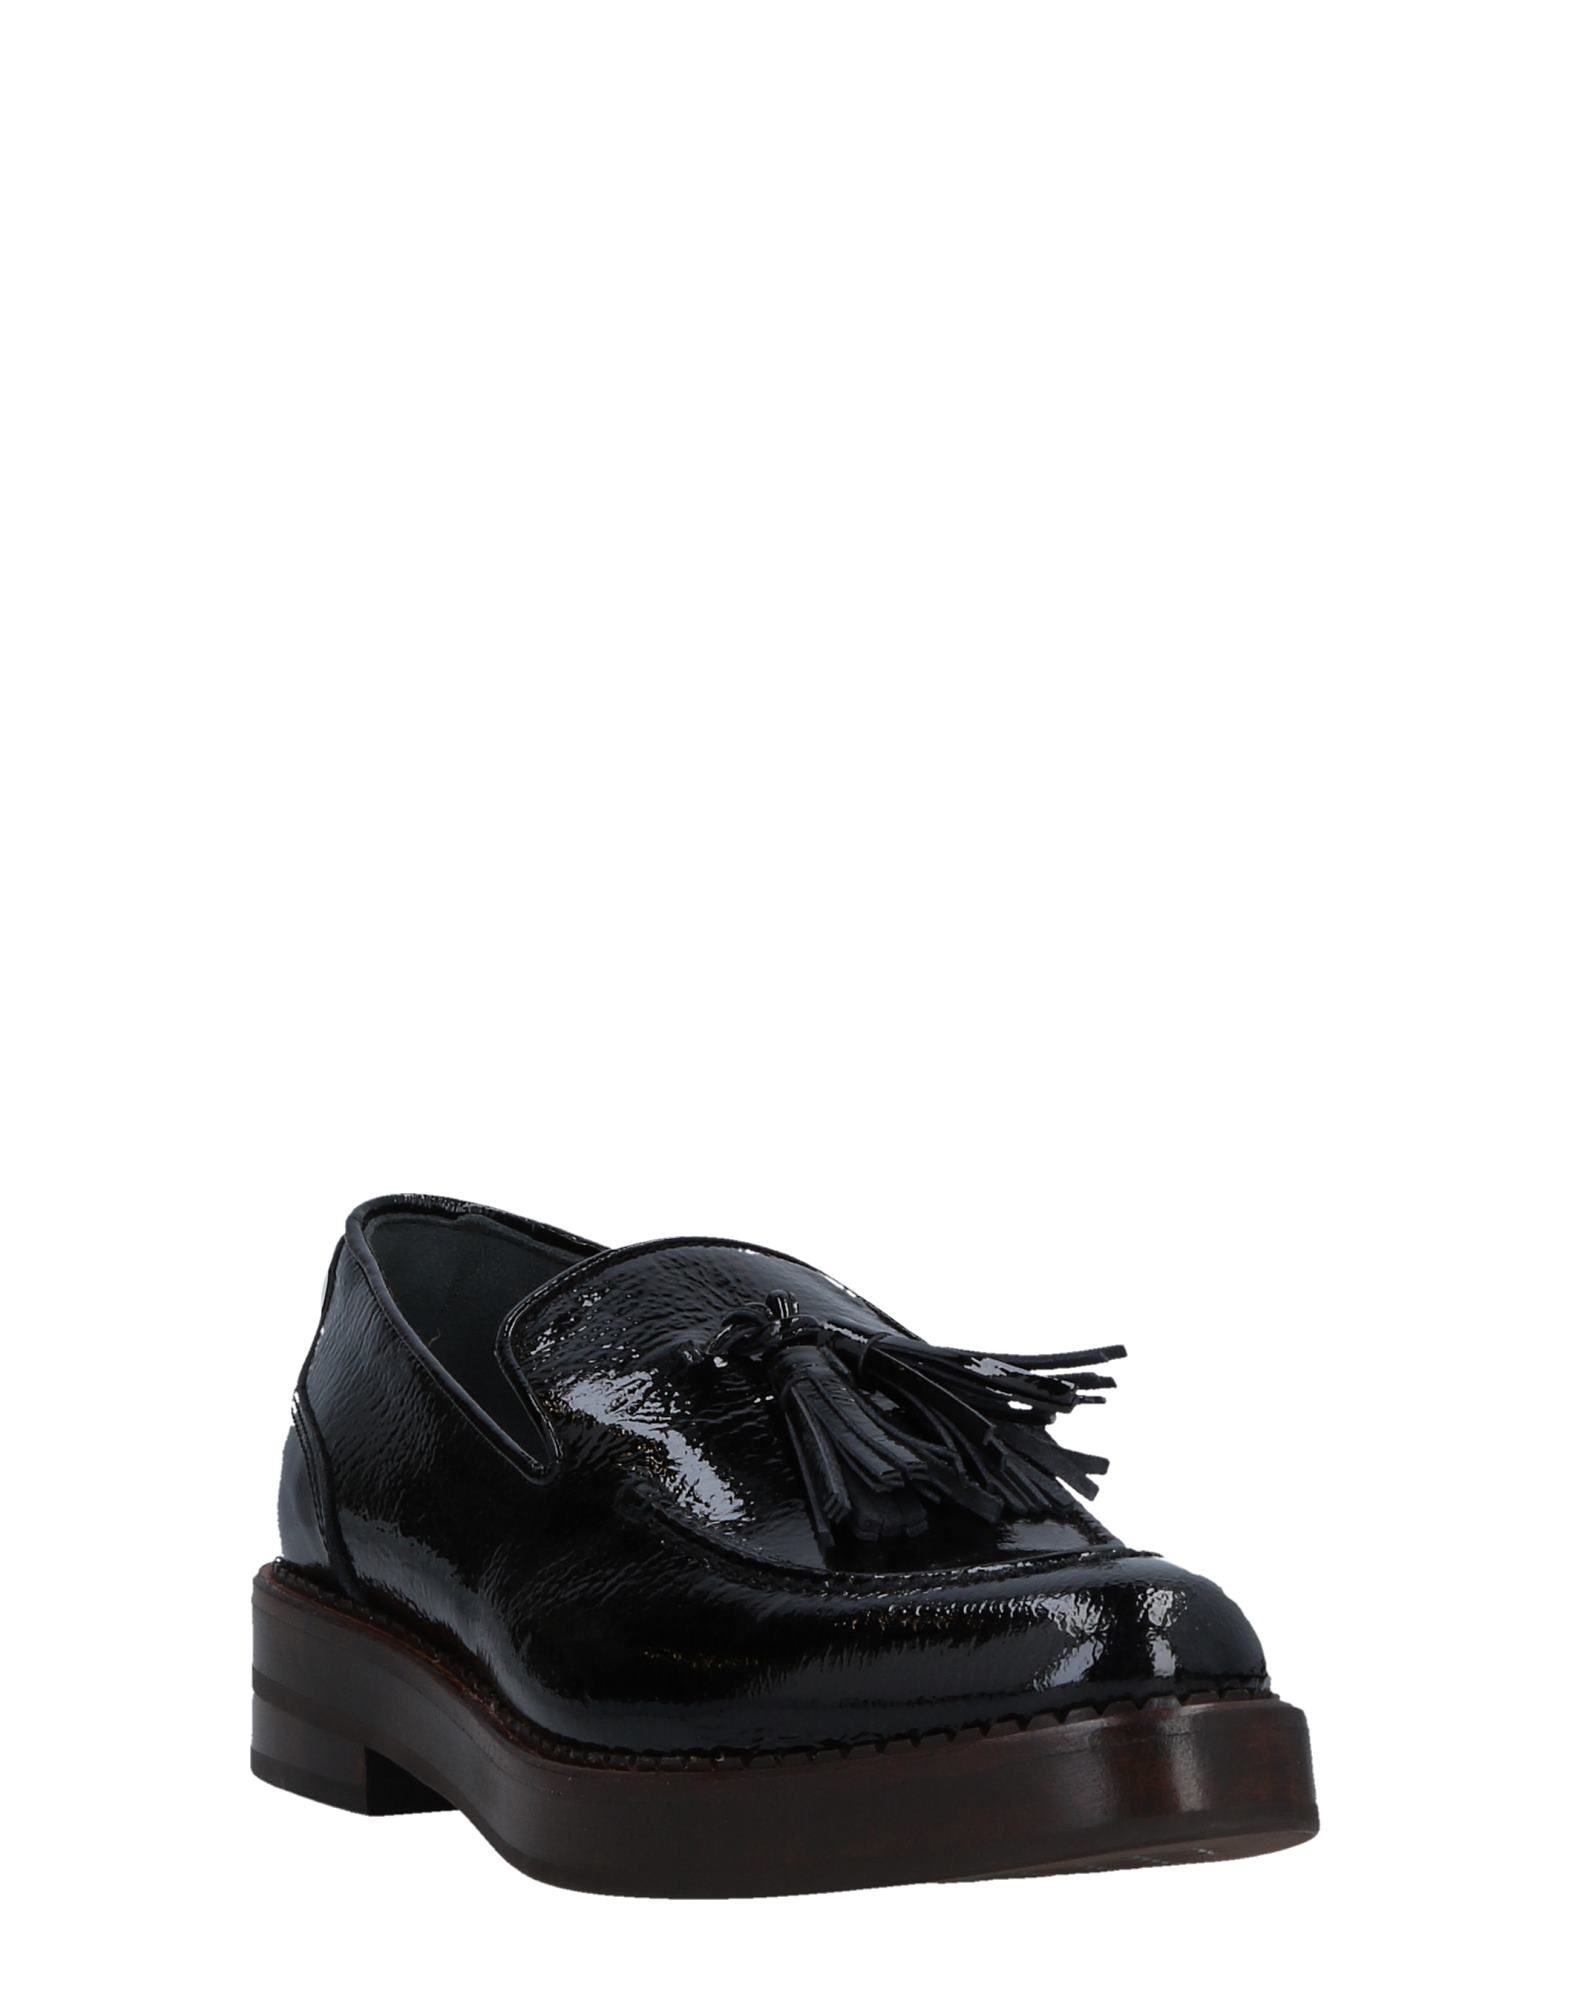 Zinda Gute Mokassins Damen  11517958OA Gute Zinda Qualität beliebte Schuhe e45873